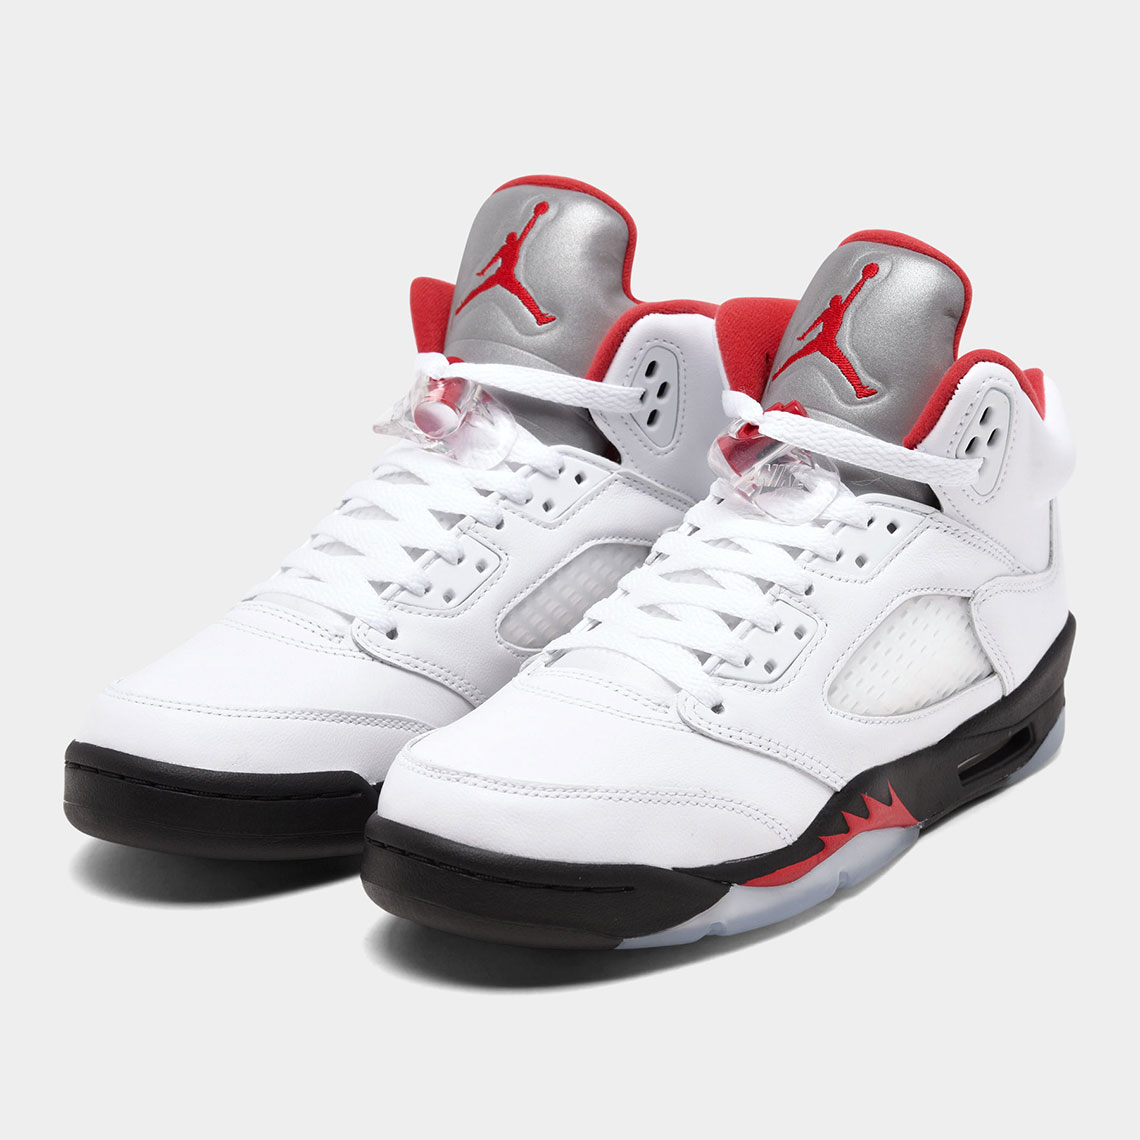 Vigilancia Confesión Préstamo de dinero  Air Jordan 5 Fire Red Kids 440888-102 Release Date | SneakerNews.com